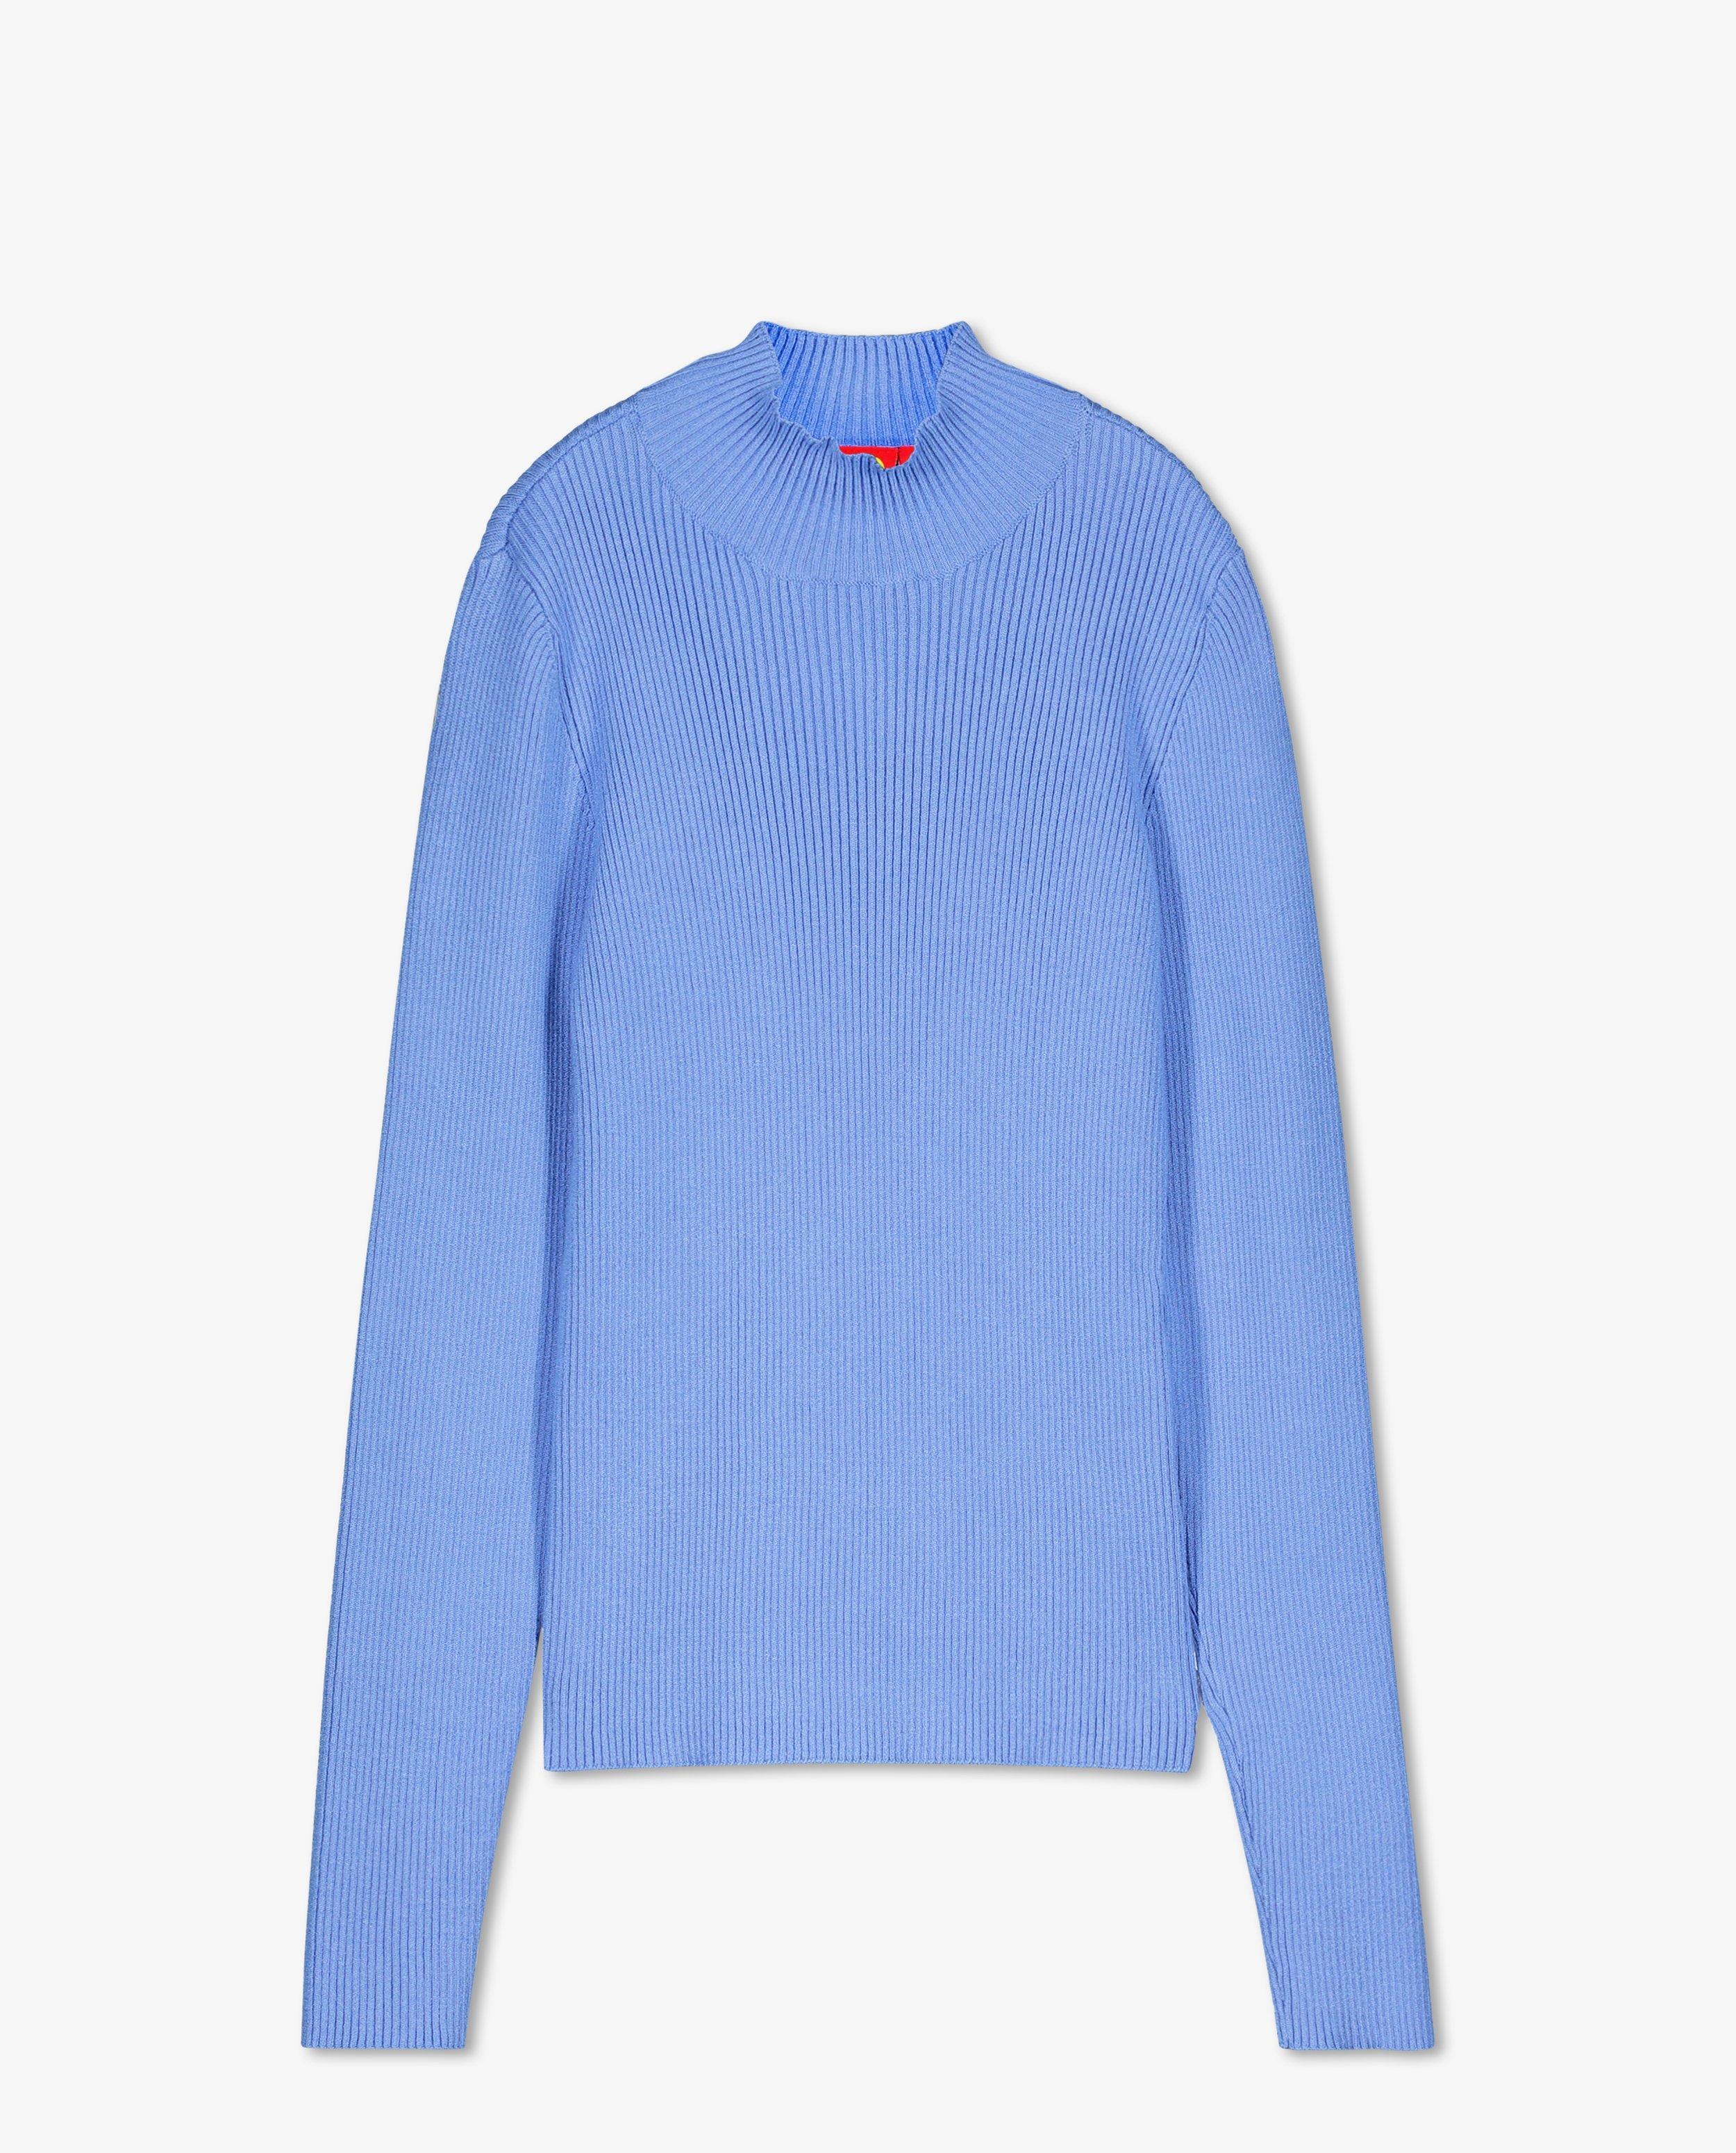 T-shirt bleu côtelé à manches longues #LikeMe